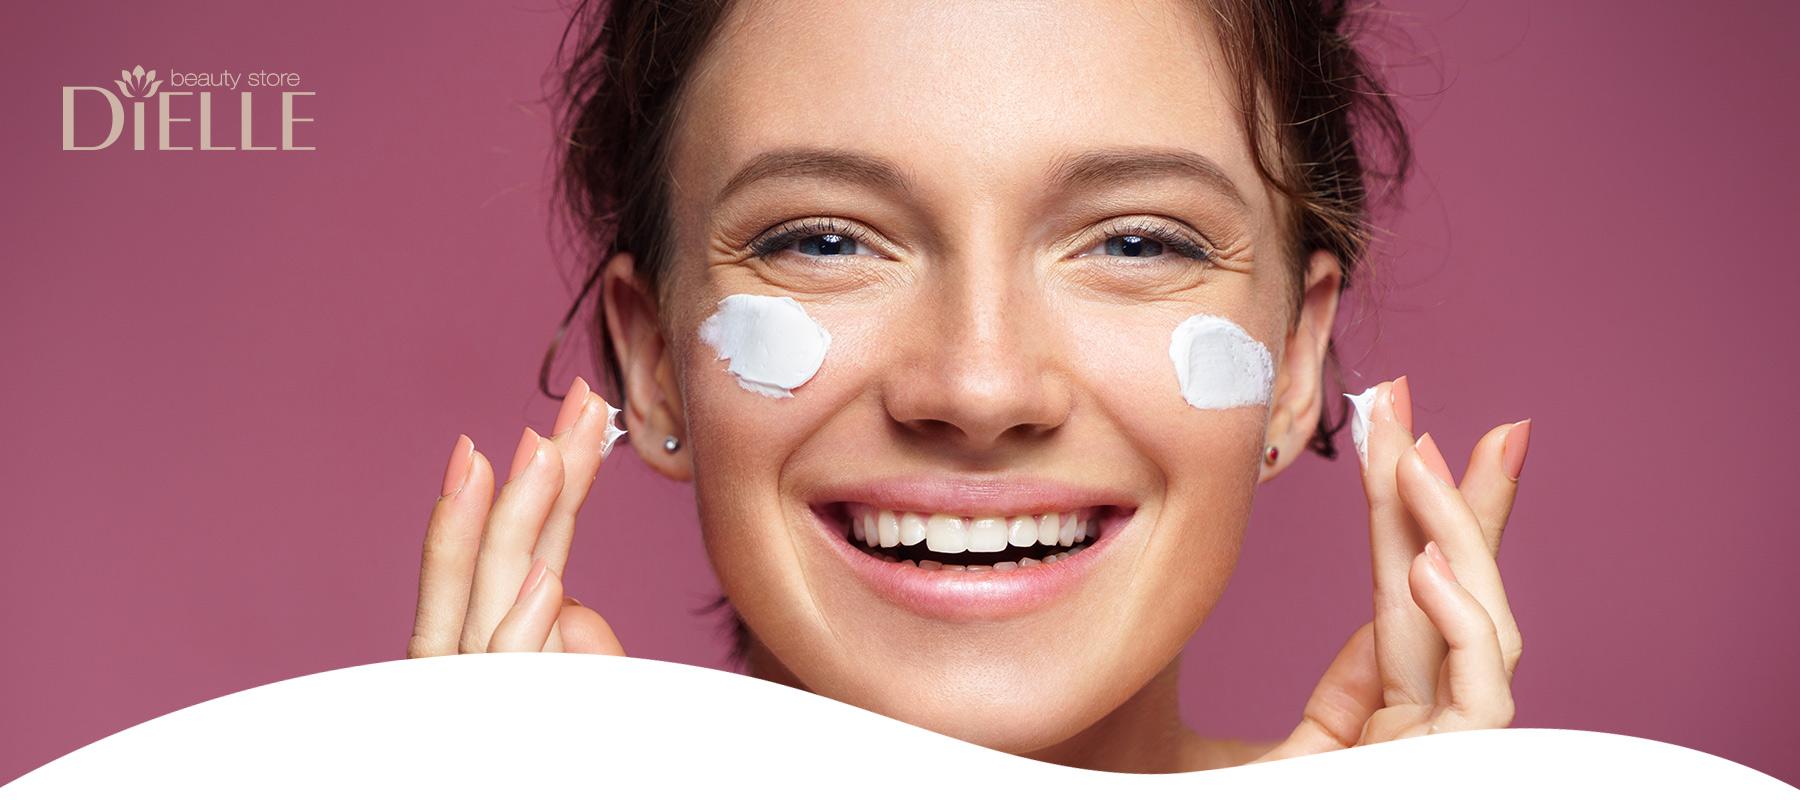 trattamento chic pelle dielle